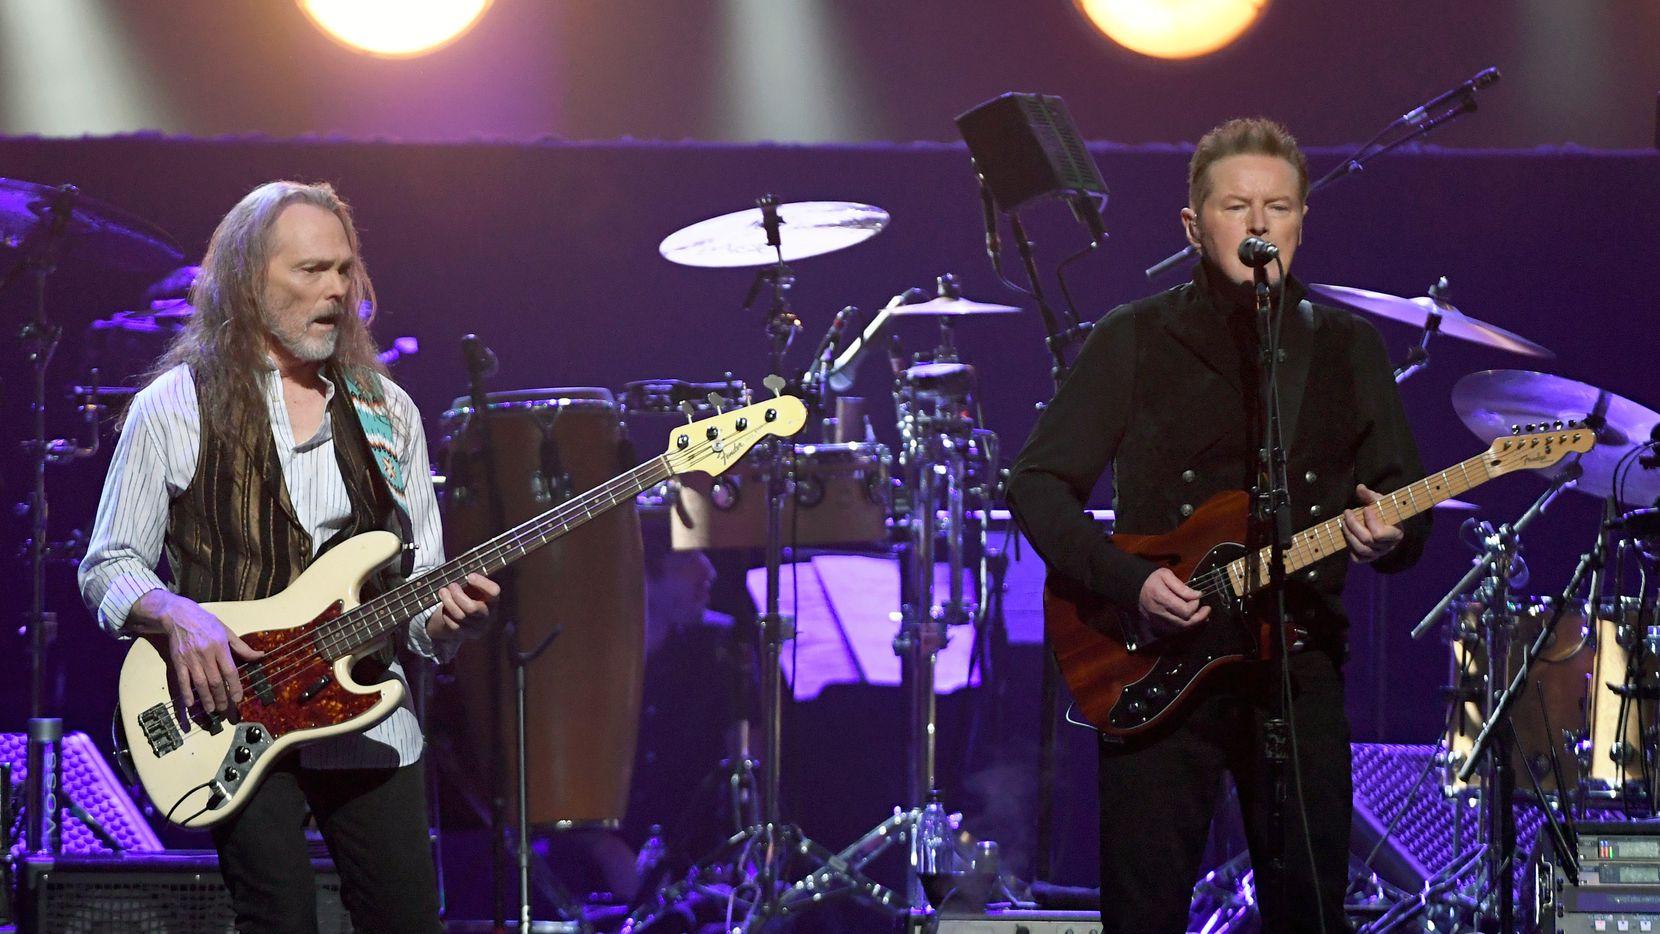 Timothy B. Schmit, izq., y Don Henley de Eagles en un concierto en MGM Grand Garden Arena de Las Vegas, Nevada, en septiembre de 2019.